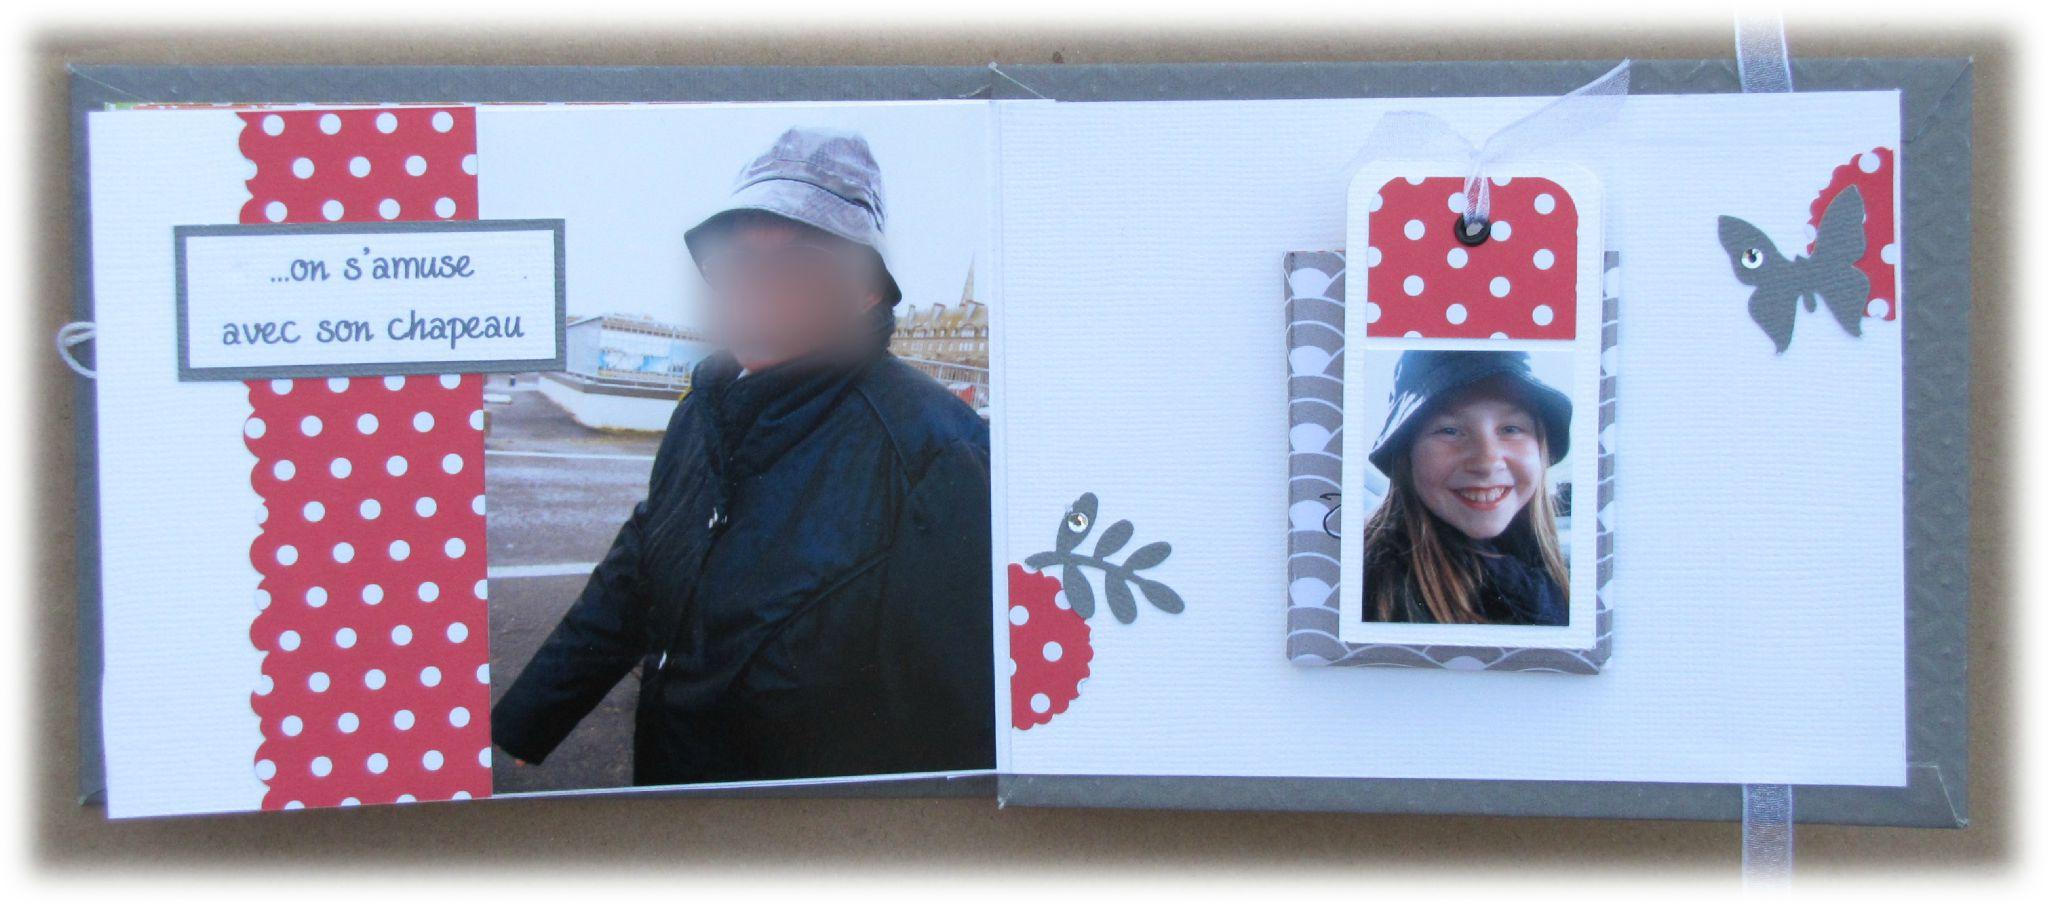 040712 - Mini Une année avec Anne_8_floue